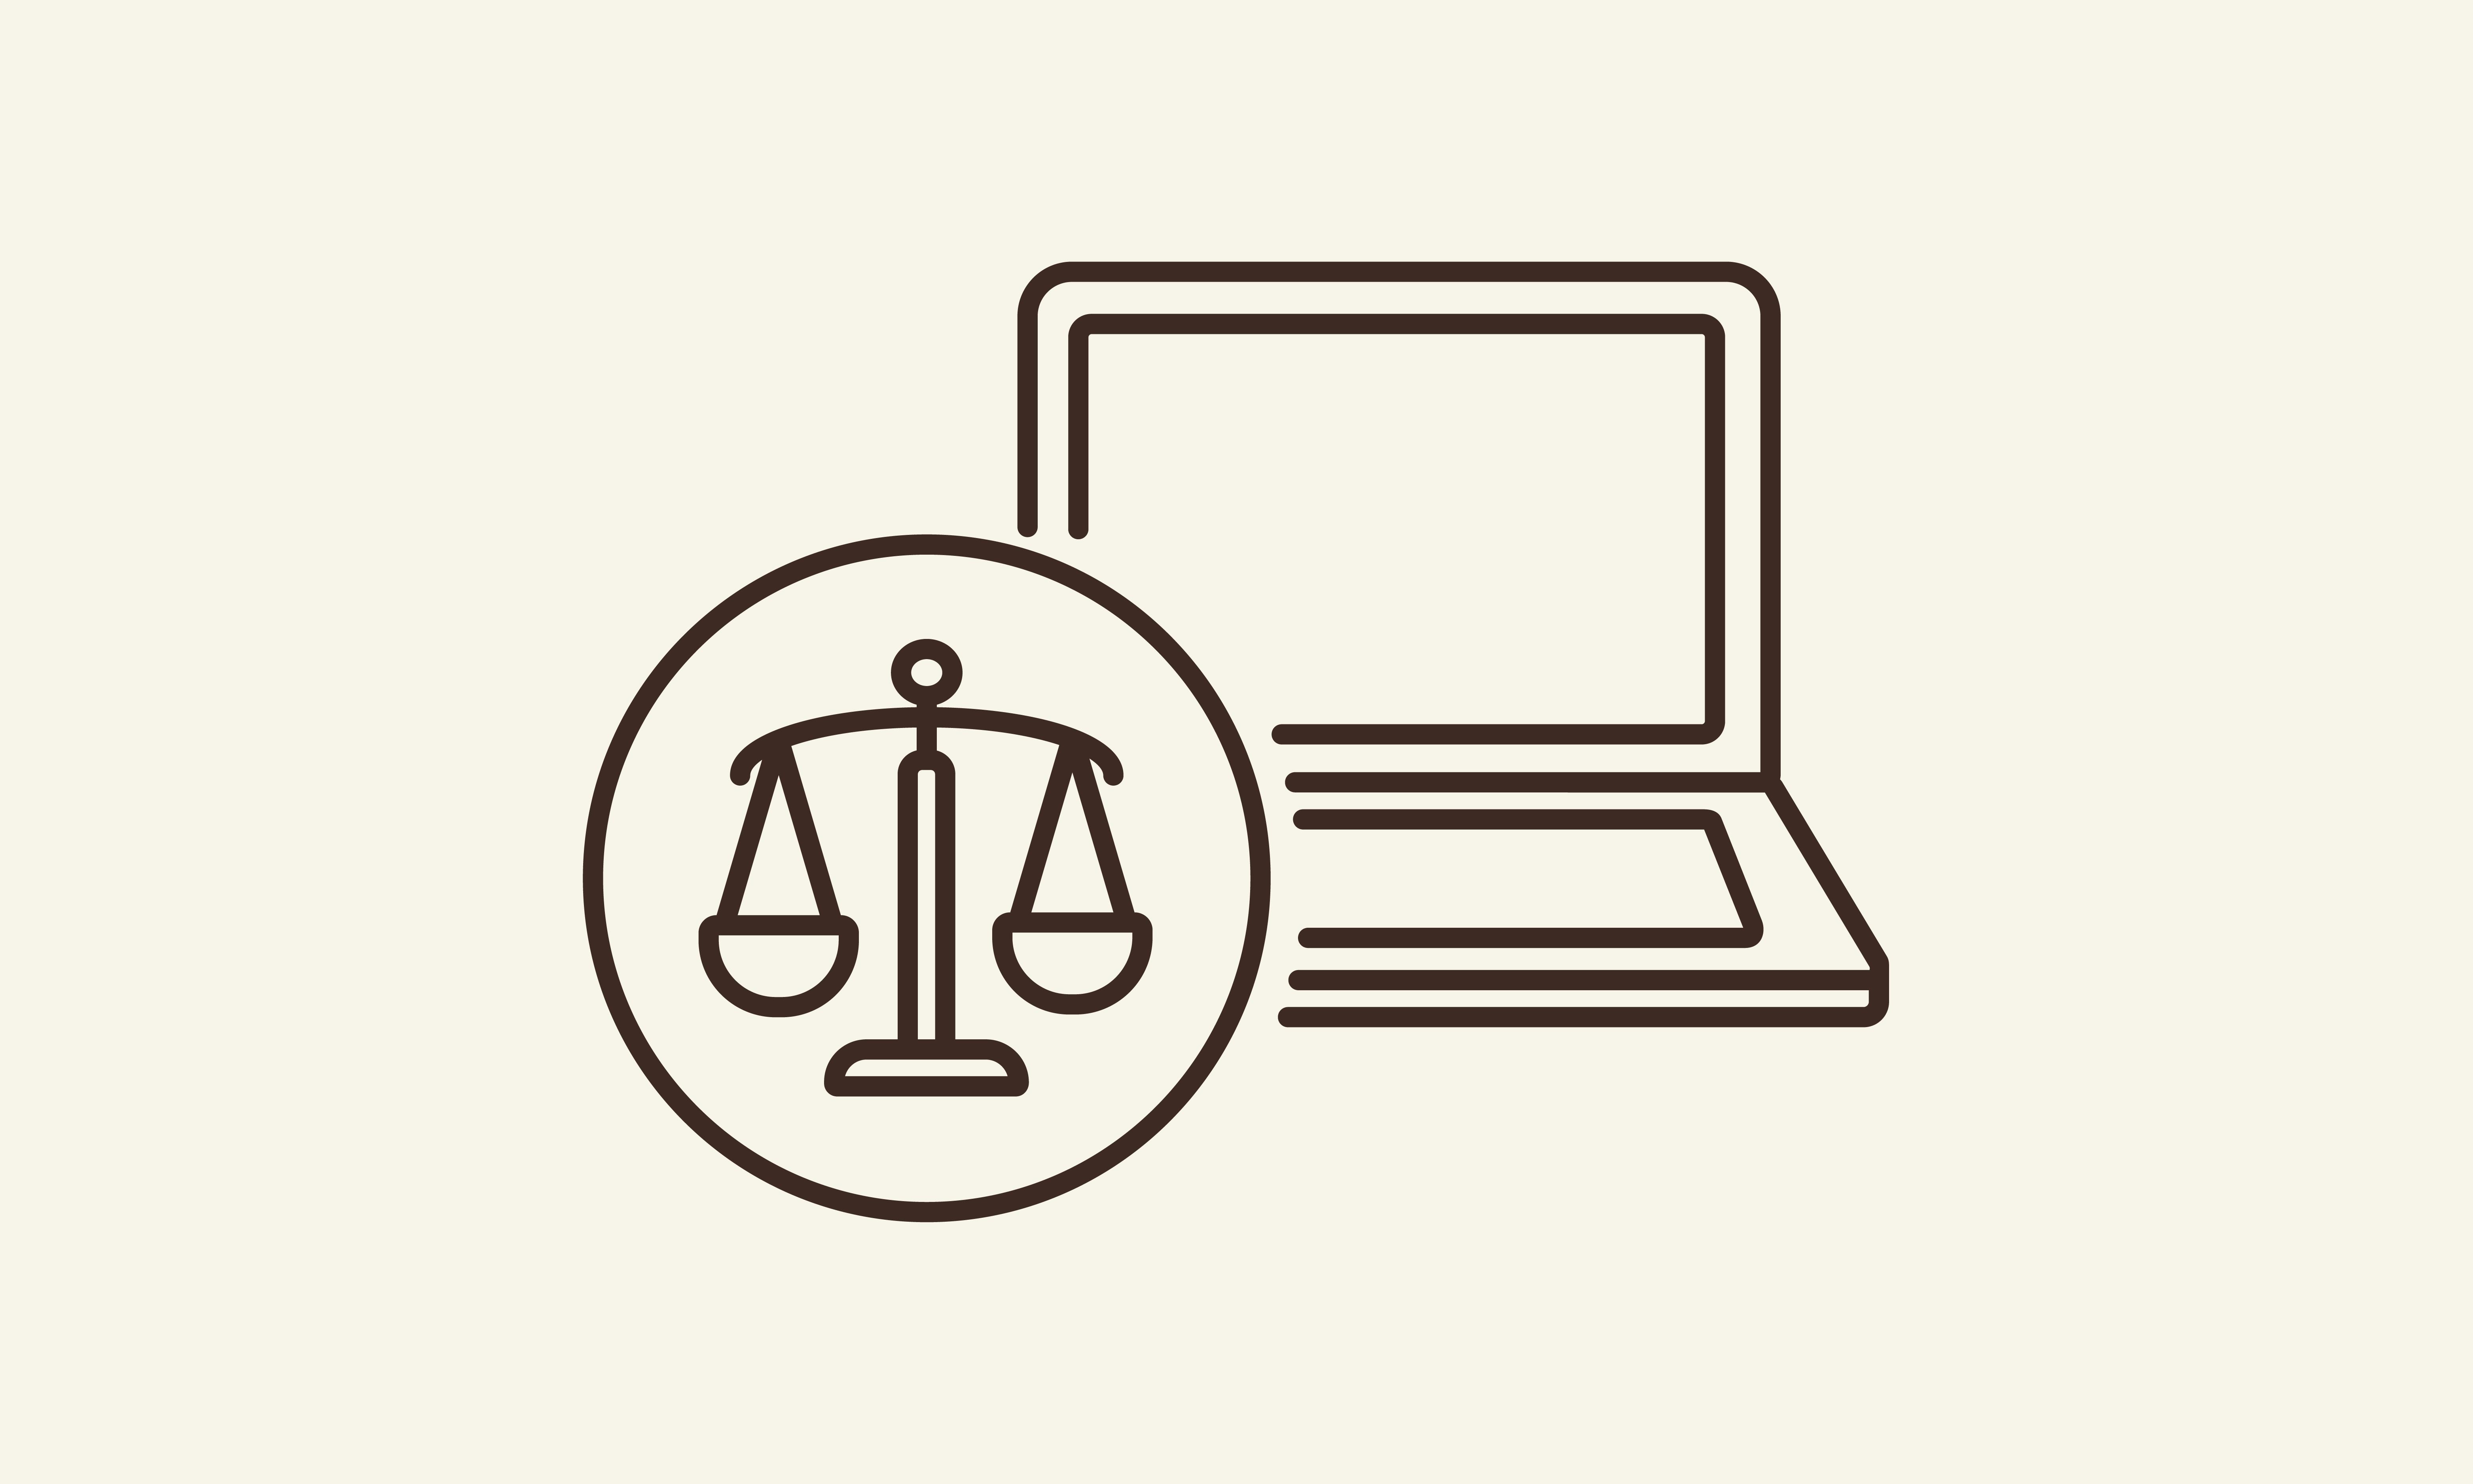 אתיקה משפטית - מודול 21